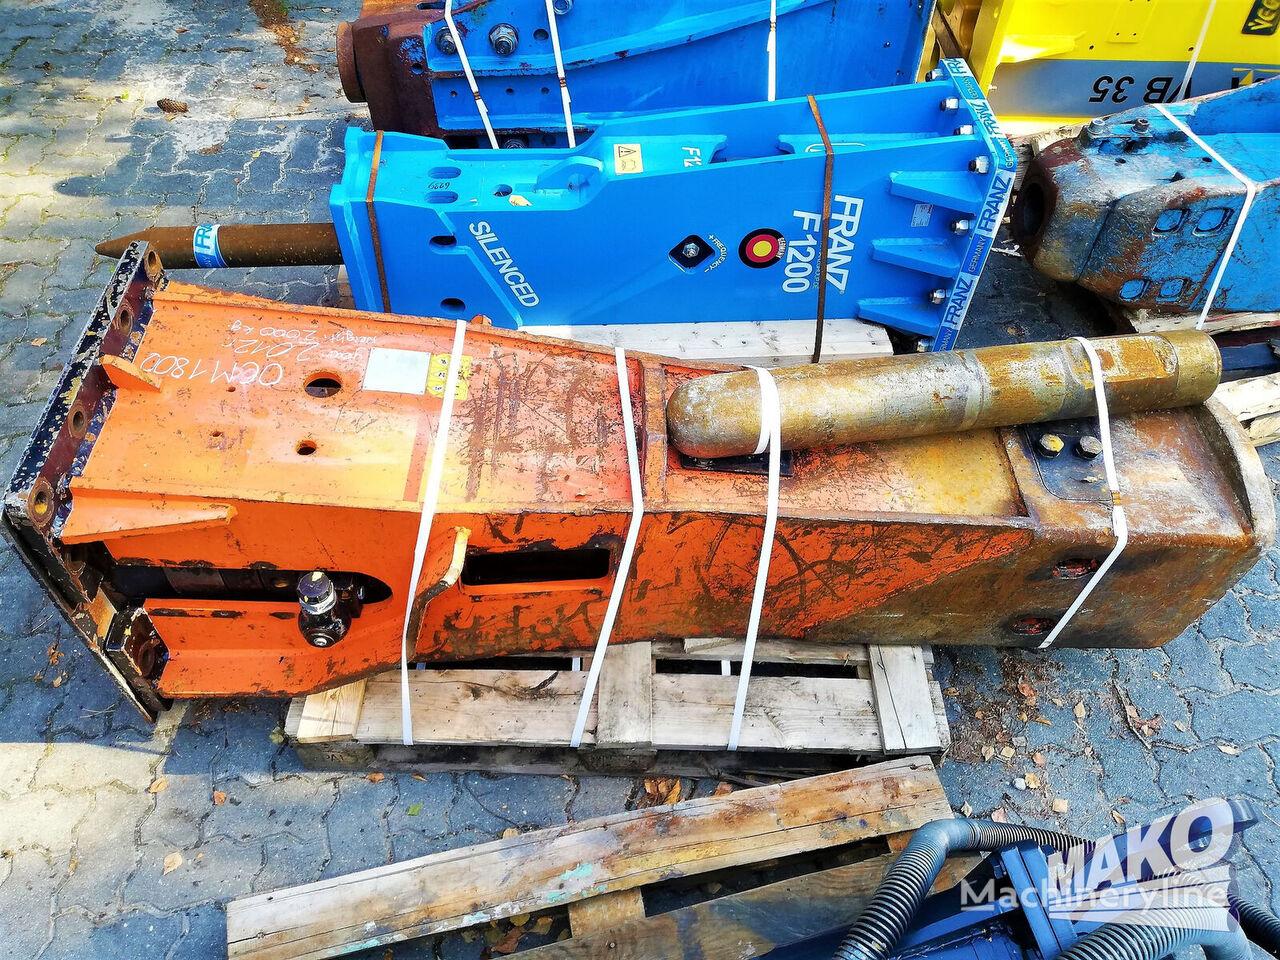 OCM 1800 hydraulic breaker